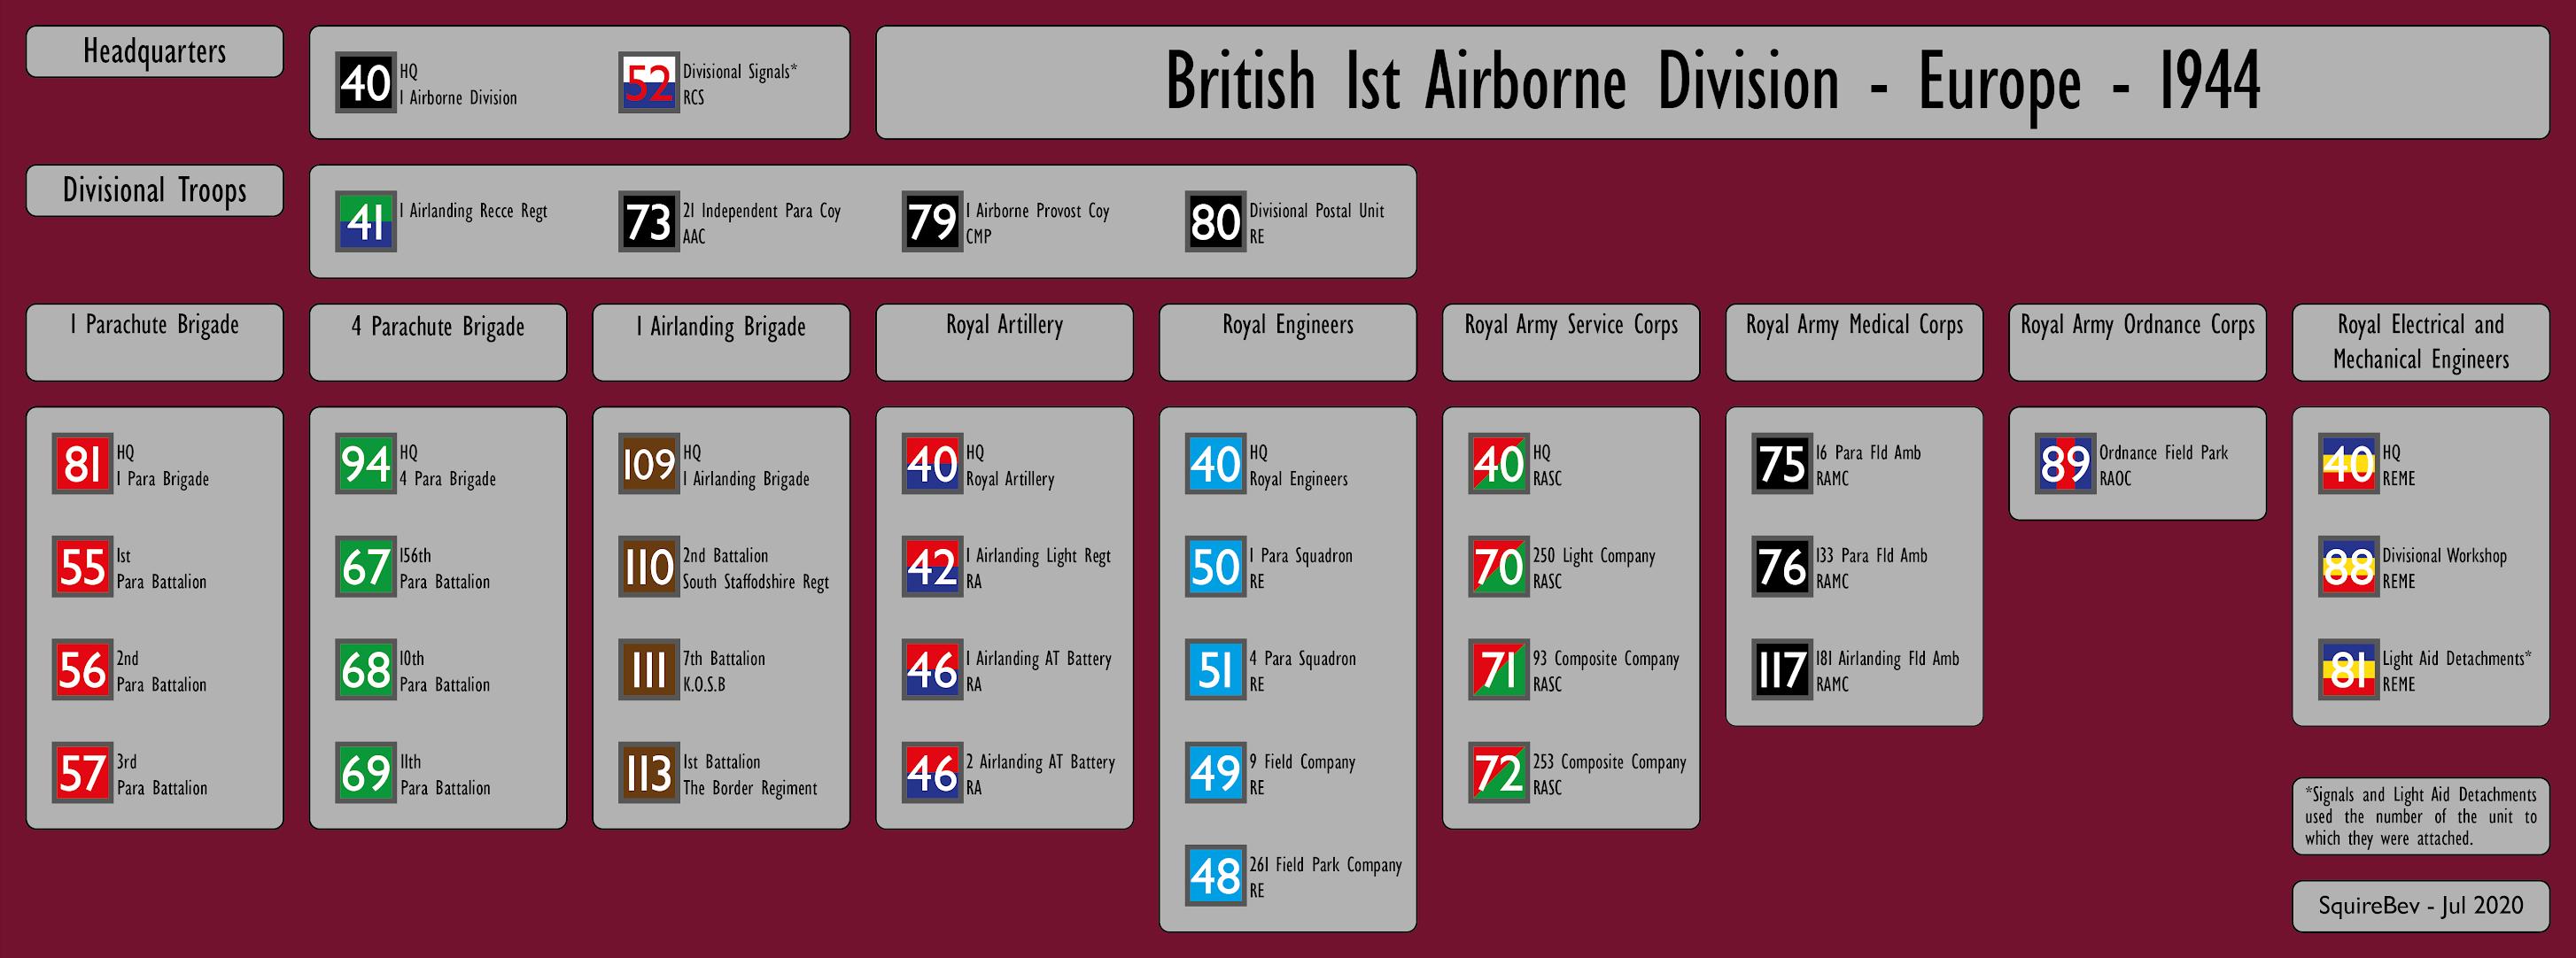 UK+-+Europe+-+Airborne+Division+-+1944-0